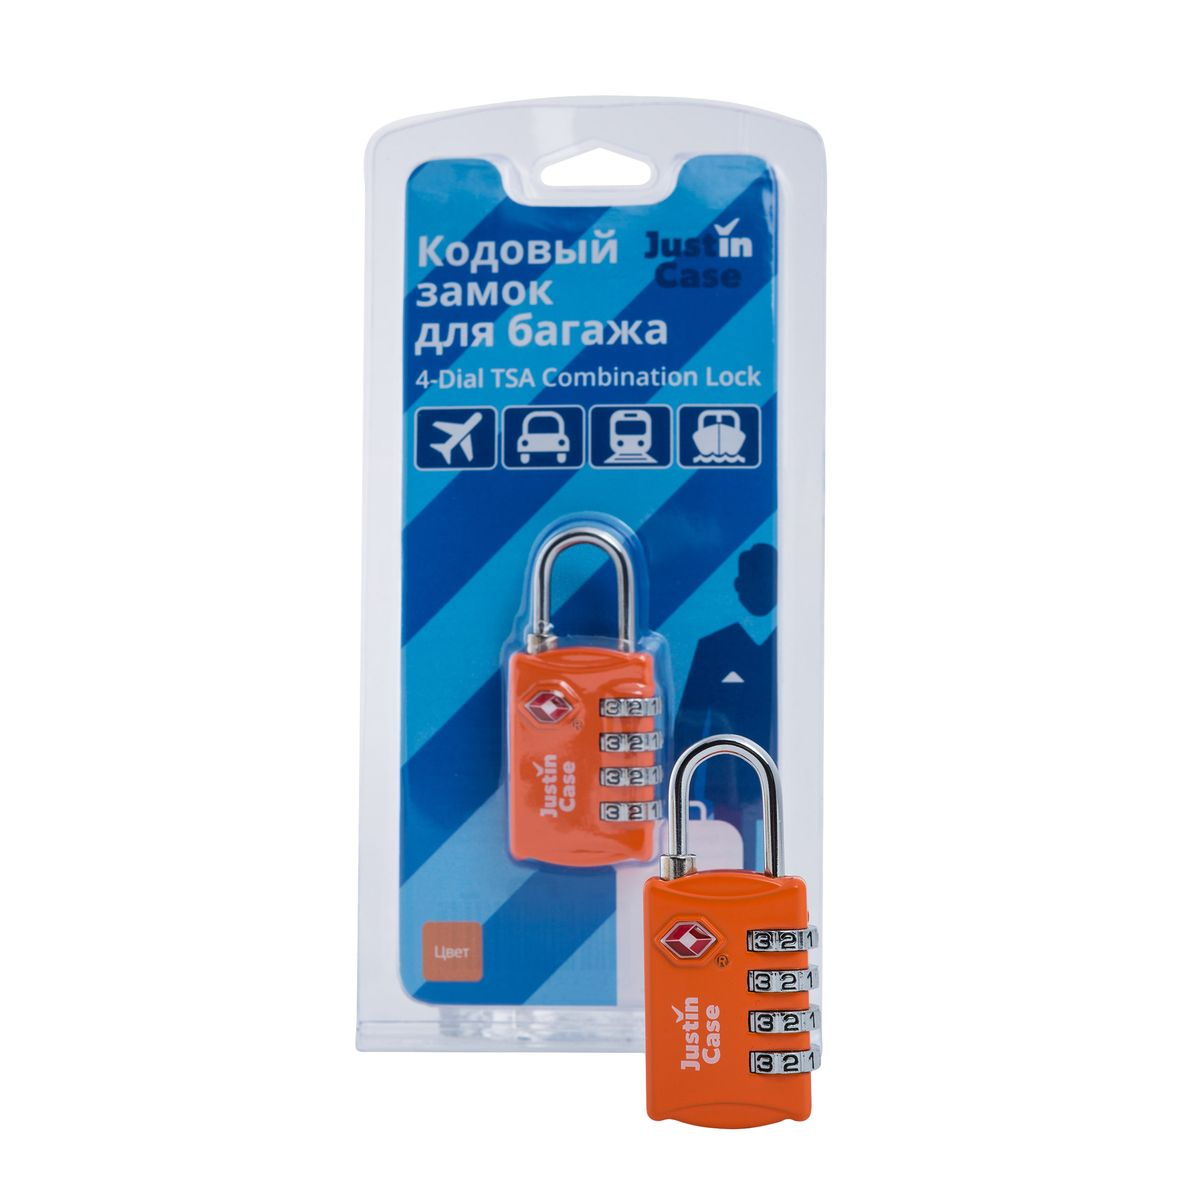 Замок кодовый для багажа JustinCase 4-Dial TSA Combination Lock, цвет: оранжевыйDRF-F367Еще один вариант защиты багажа - компактный кодовый багажный замок. Кодовый замок JustinCase 4-Dial TSA Combination Lock отличается от обычного тем, что вы можете установить собственную, известную только вам комбинацию цифр, без которой кодовый замок для багажа просто не откроется. Замок этот очень прочен - изготовлен из цинкового сплава. Если в вашем багаже есть хоть одна ценная вещь, такой замок позволит вам спокойно сдавать чемоданы и сумки багажным службам.